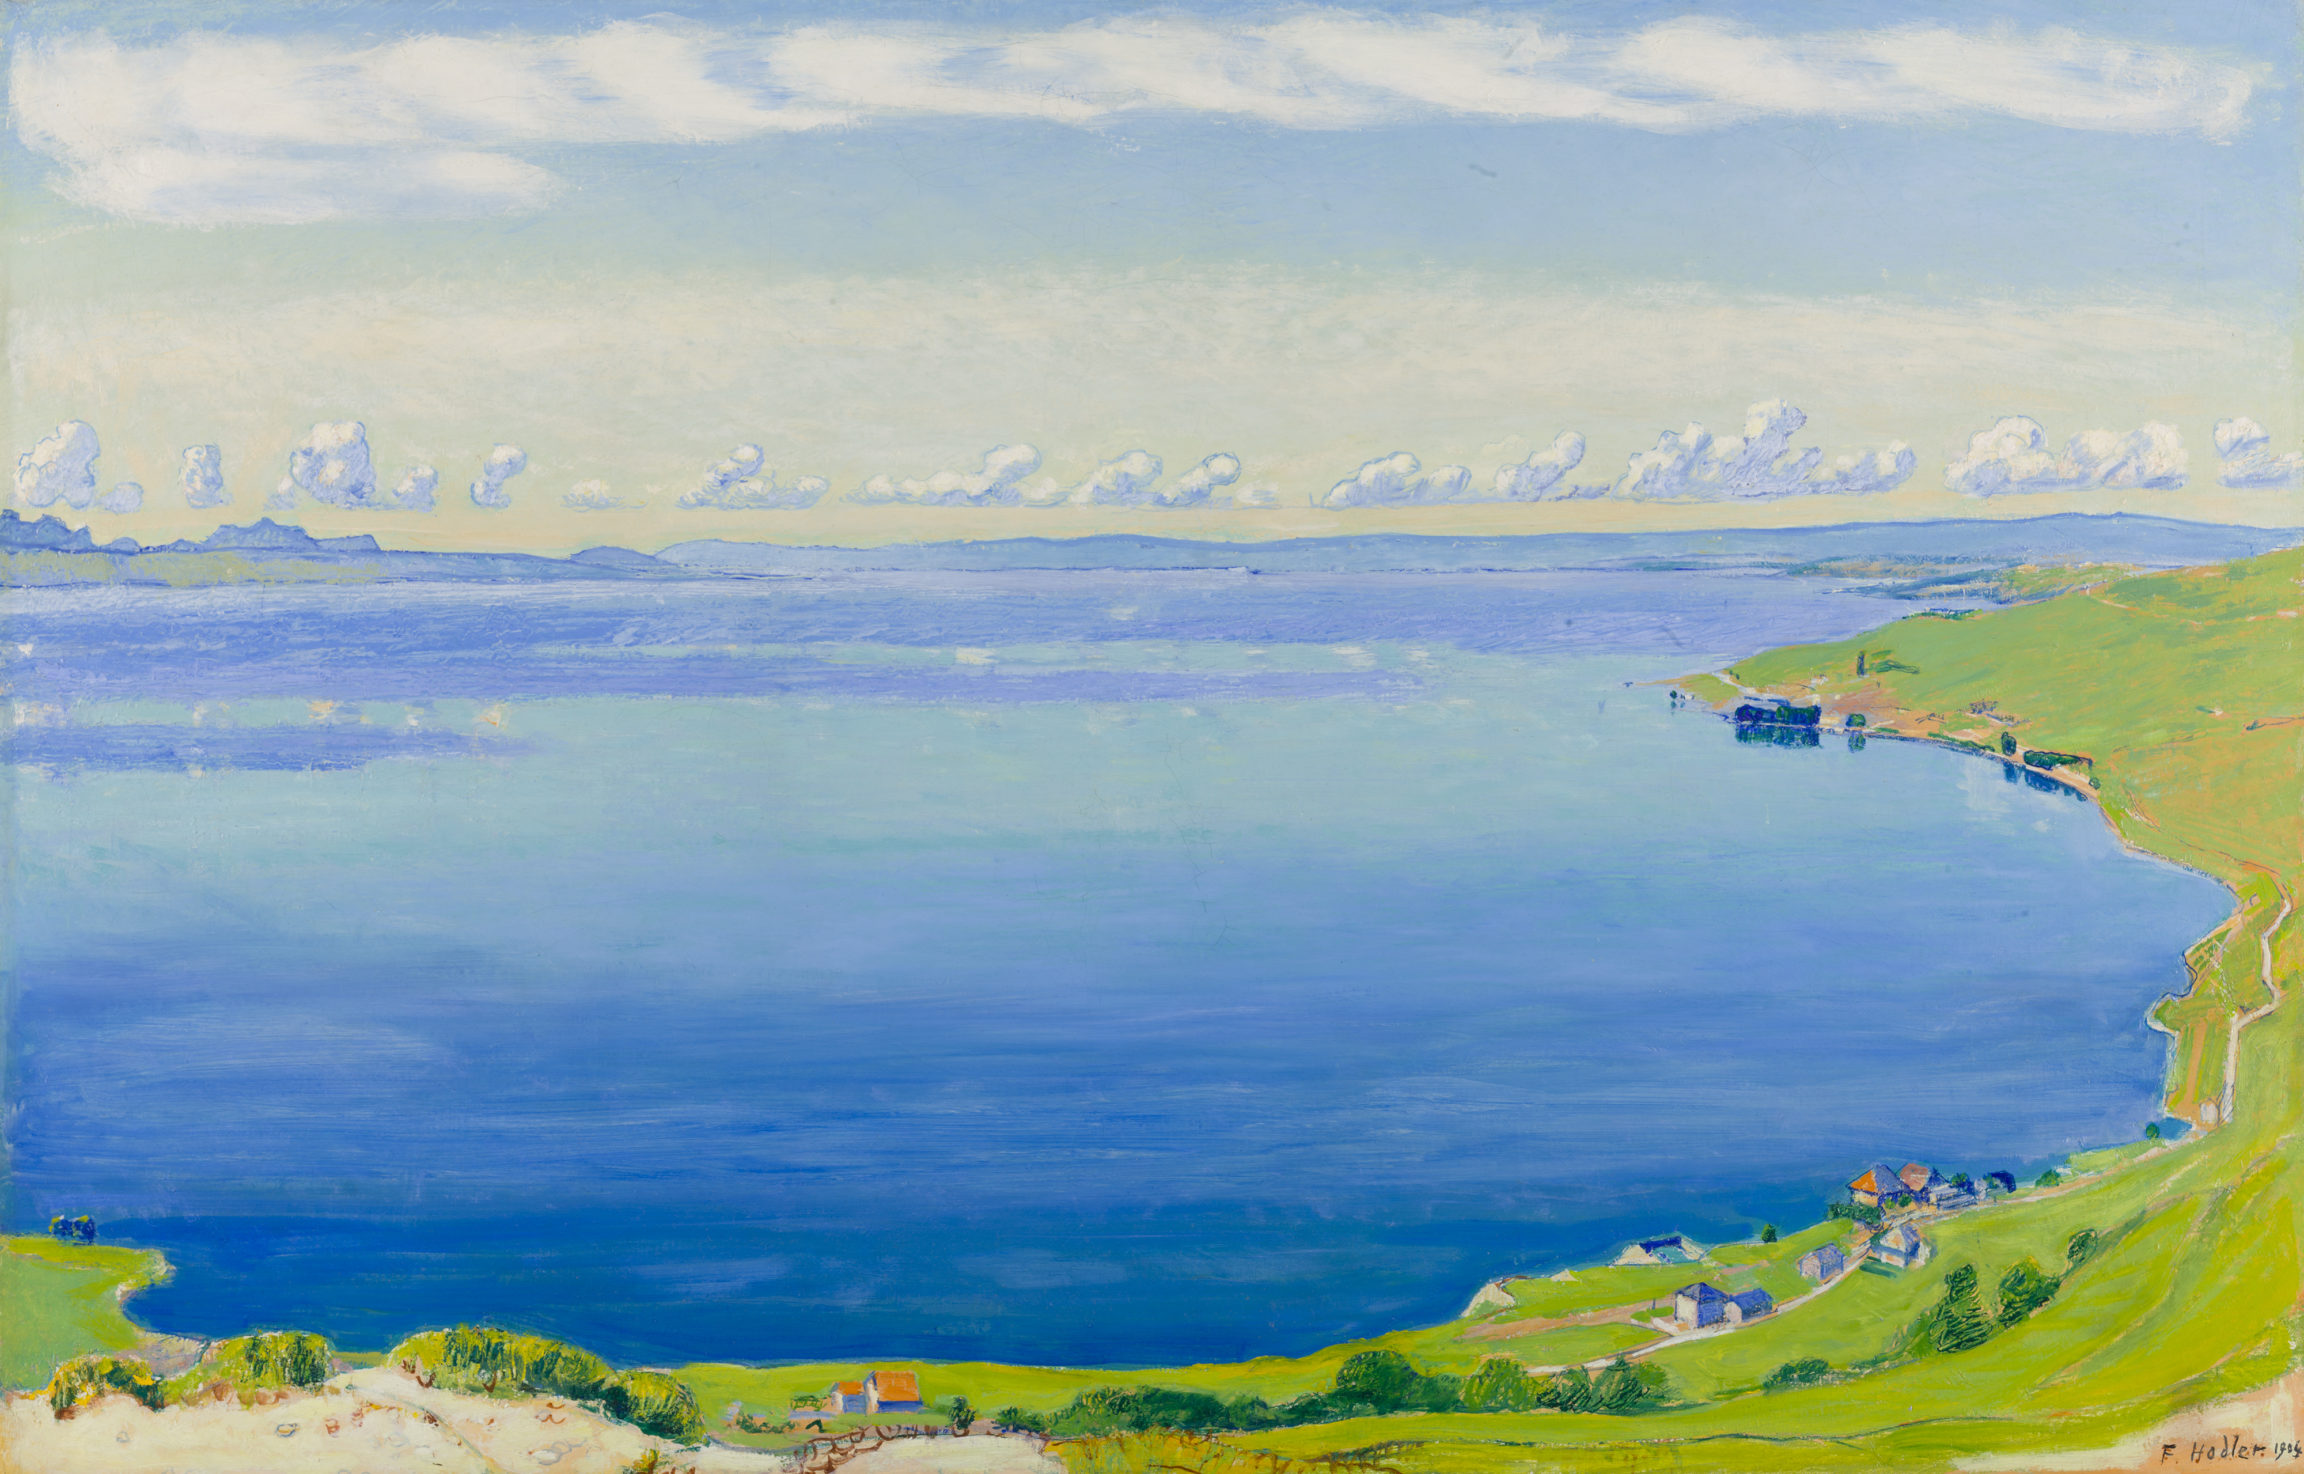 Ferdinand Hodler, Le lac Léman vu de Chexbres (Lake Geneva Seen from Chexbres), 1904